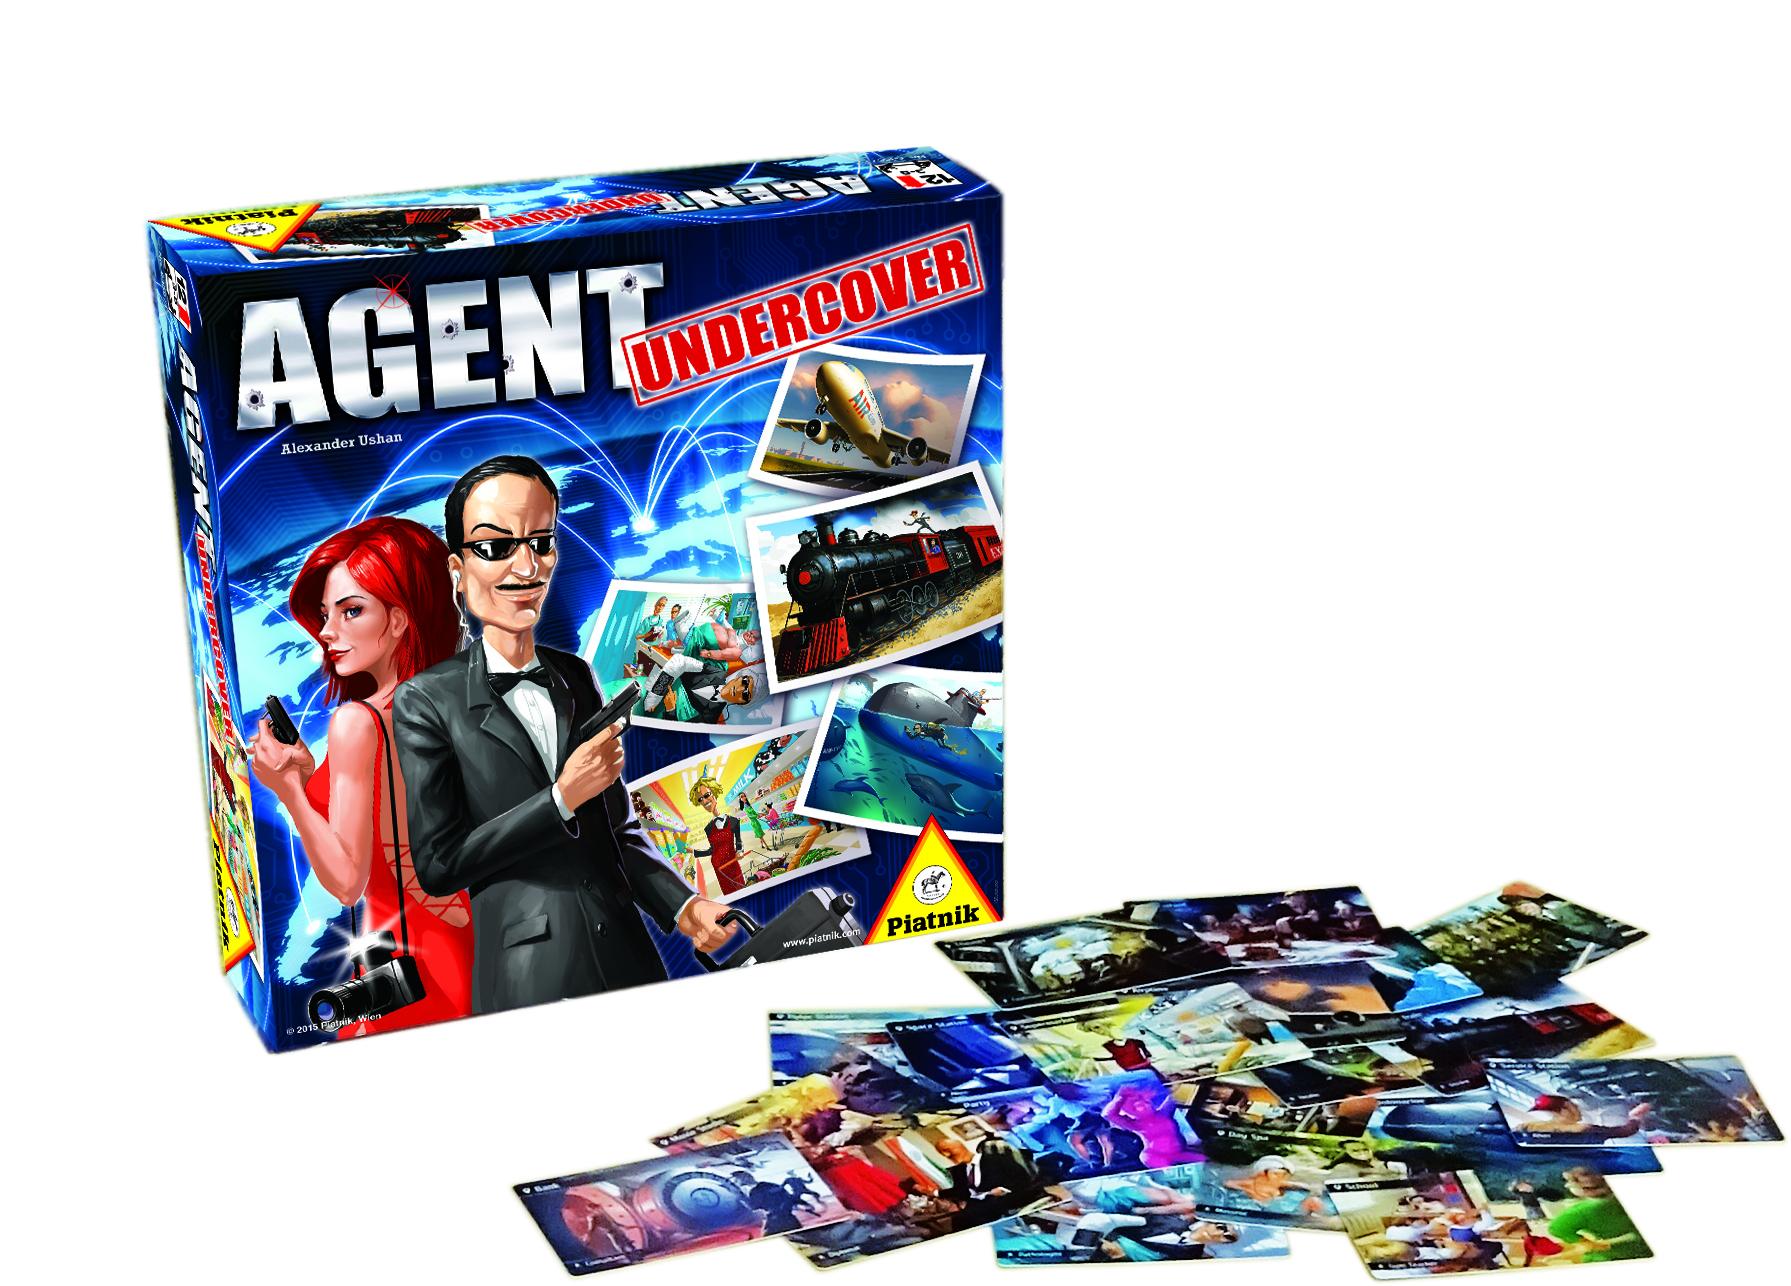 Agenten Spiele Kostenlos